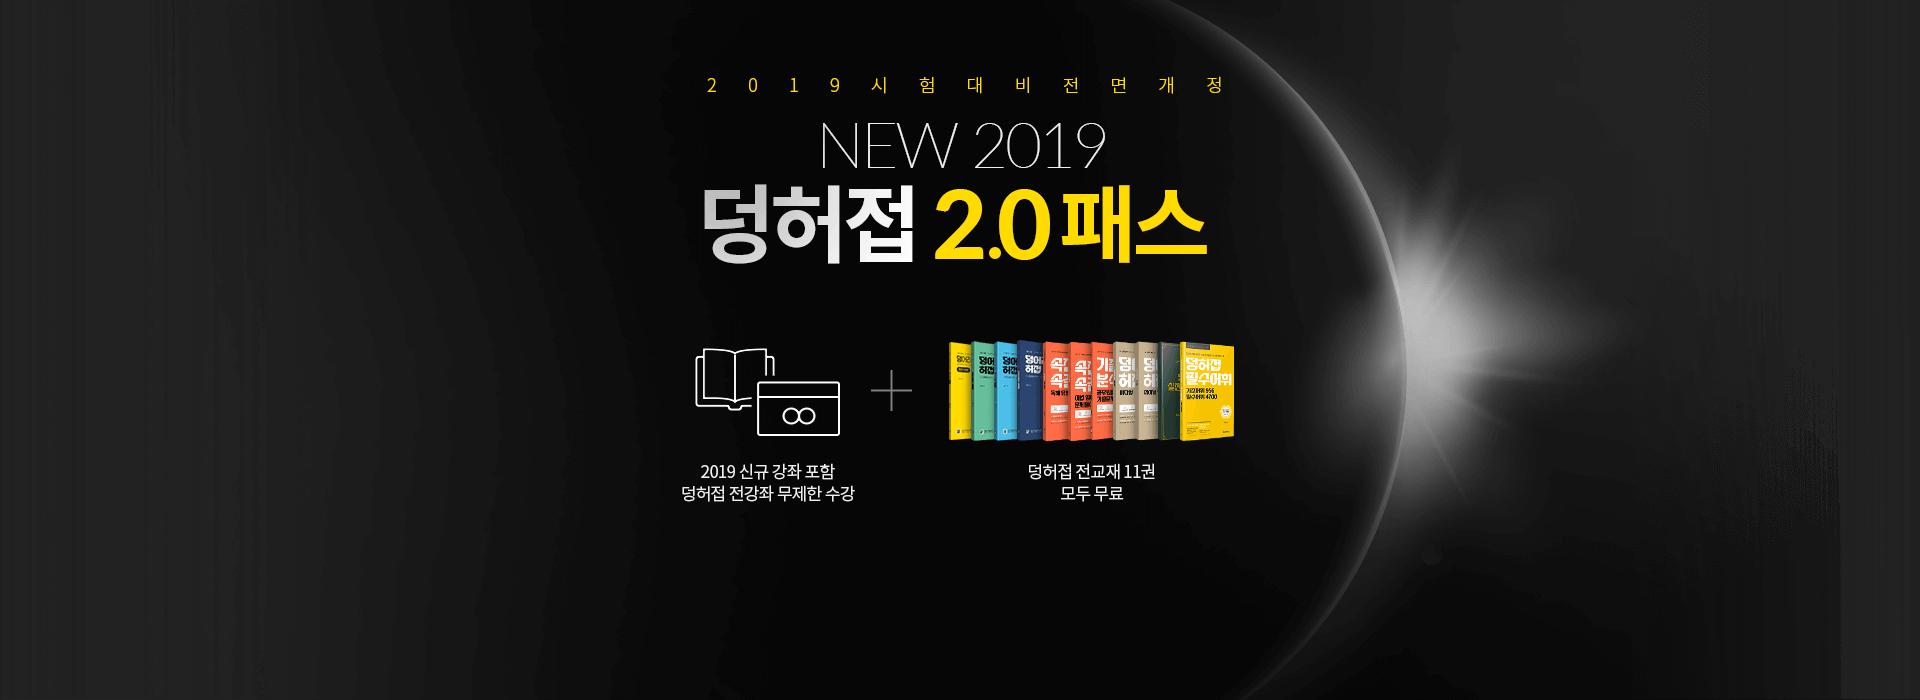 4_2019 덩허접2.0 패스